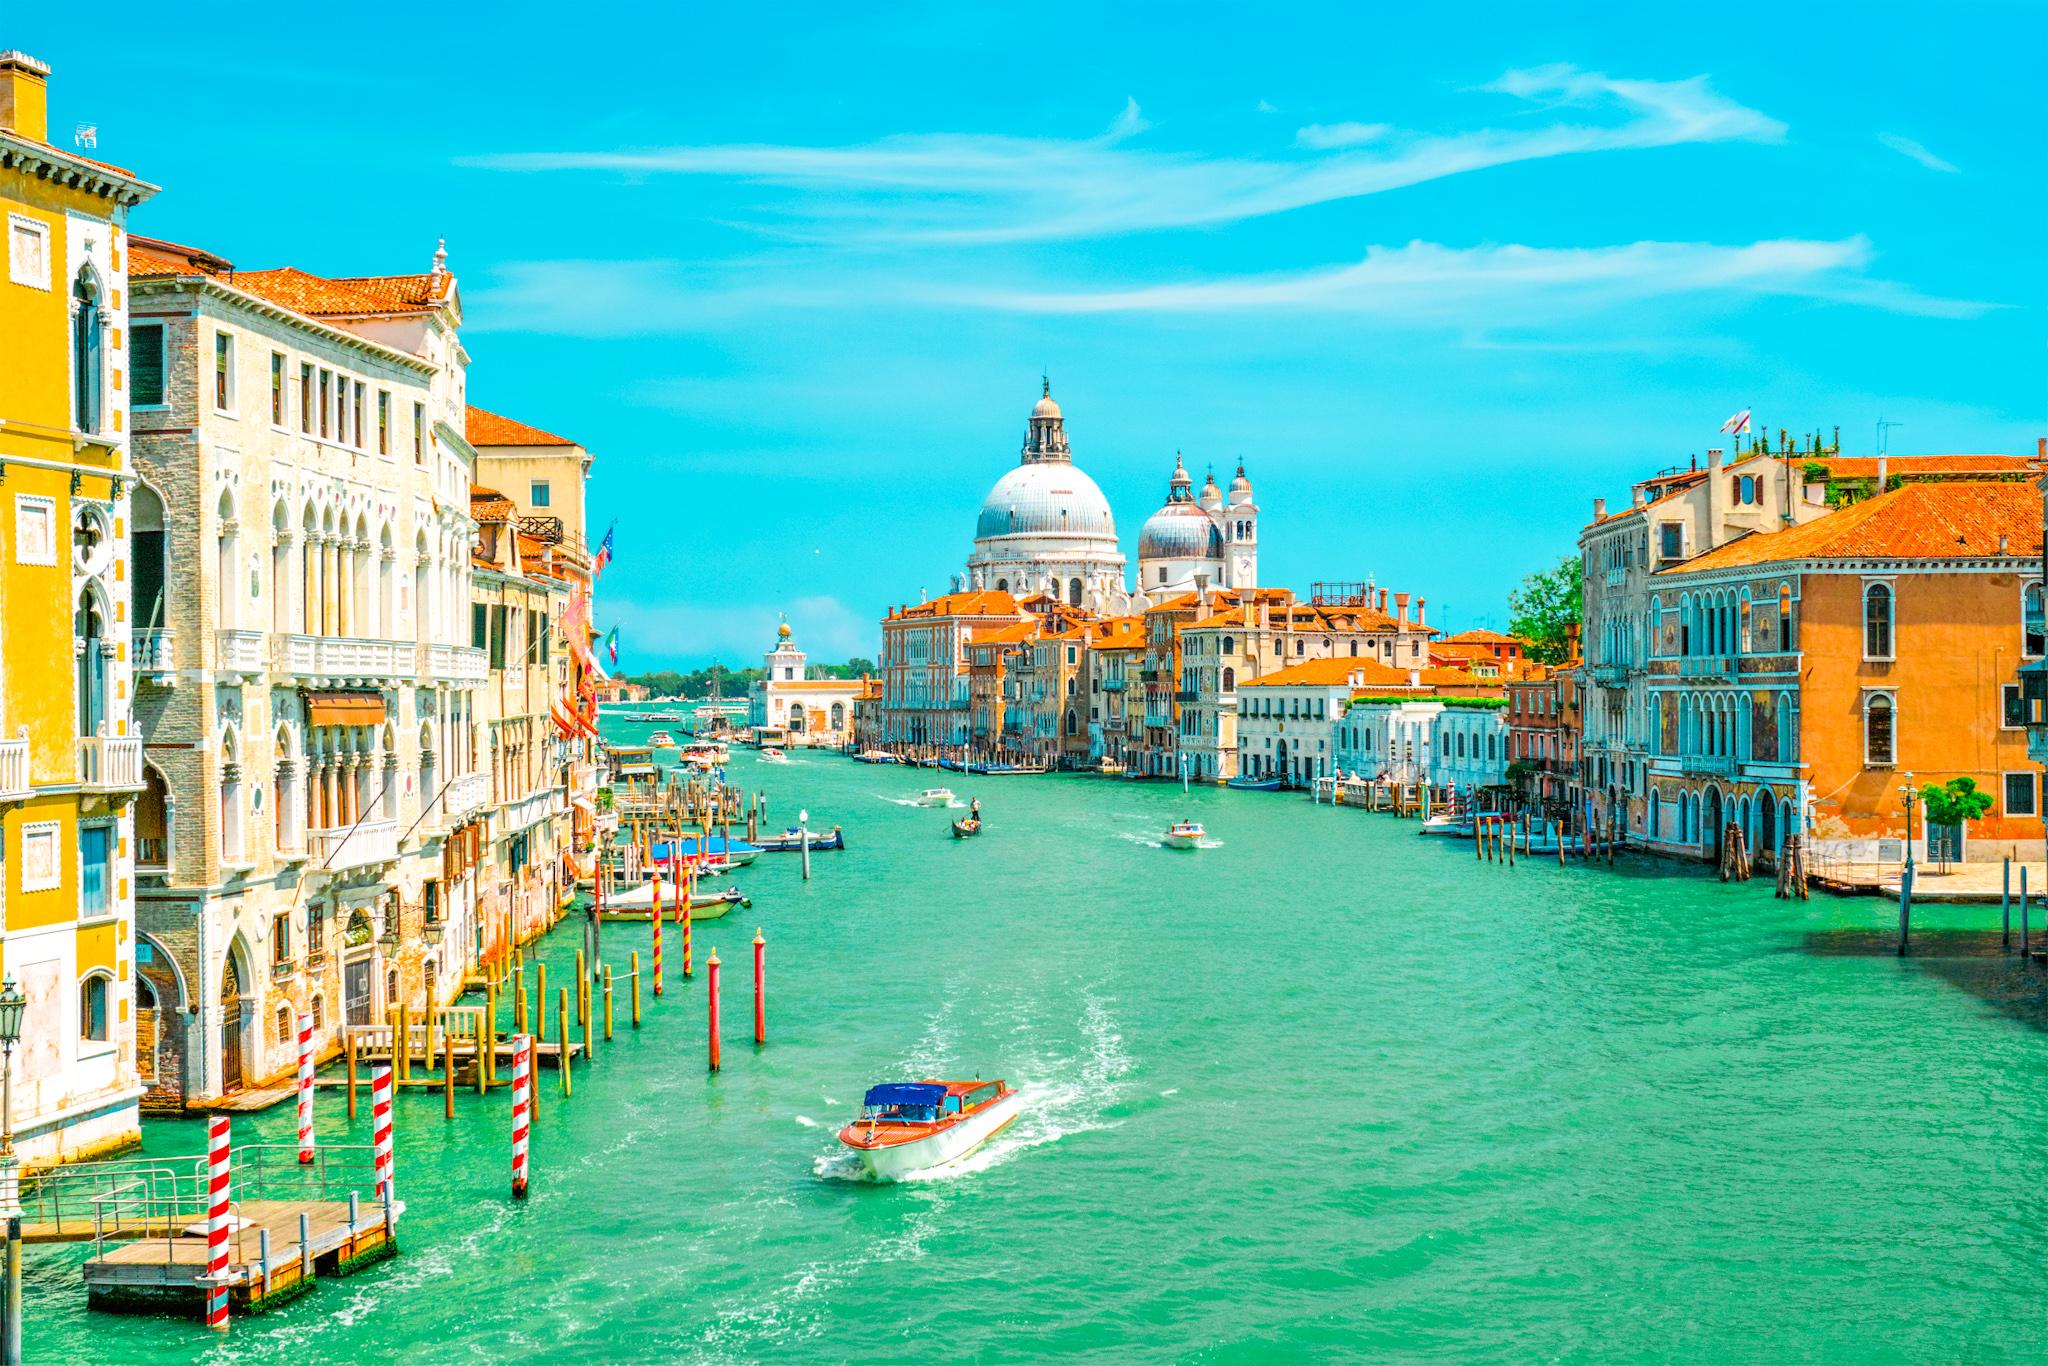 vista del Gran Candel de Venecia y la Iglesia de Santa Maria della Salute